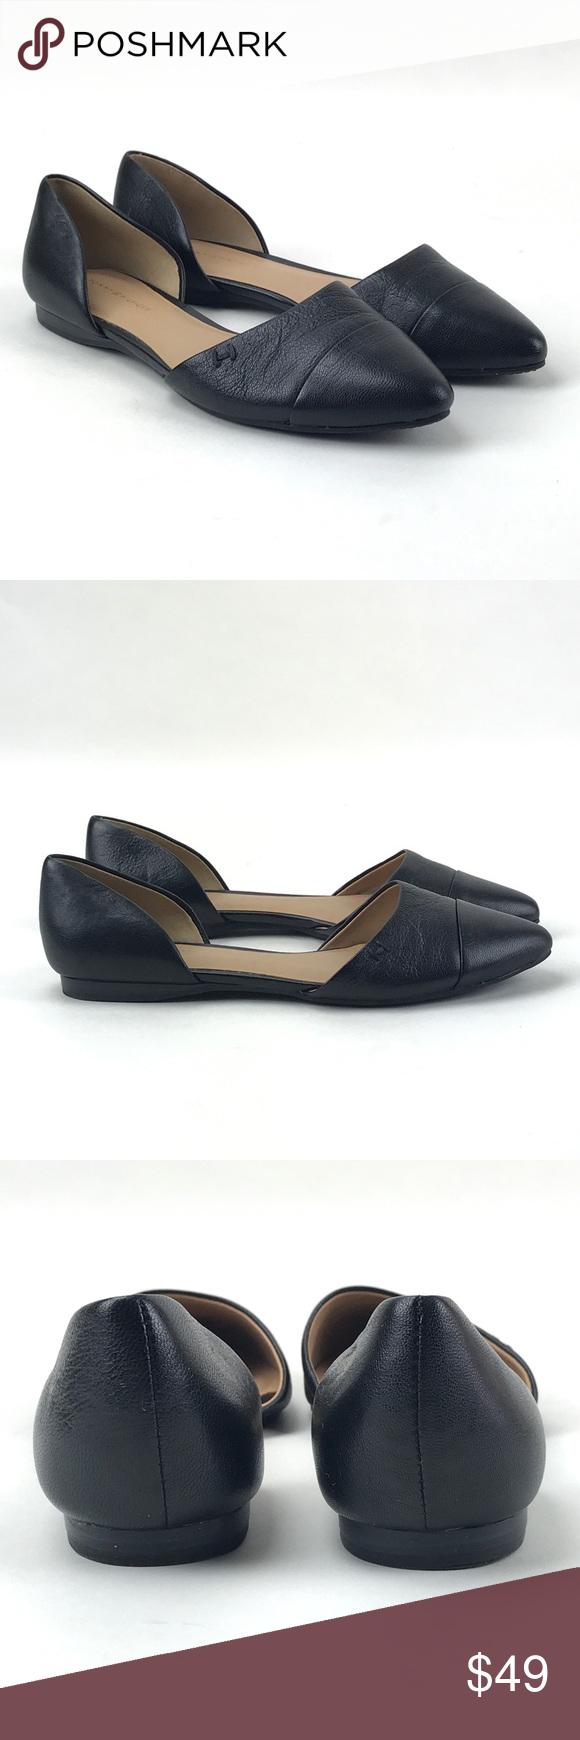 c43a8370 Tommy Hilfiger Women's NAREE 3 Black Flats Size 7M Tommy Hilfiger Women's NAREE  3 Black Point Toe Flats Size 7 M New without box. Tommy Hilfiger Shoes Flats  ...